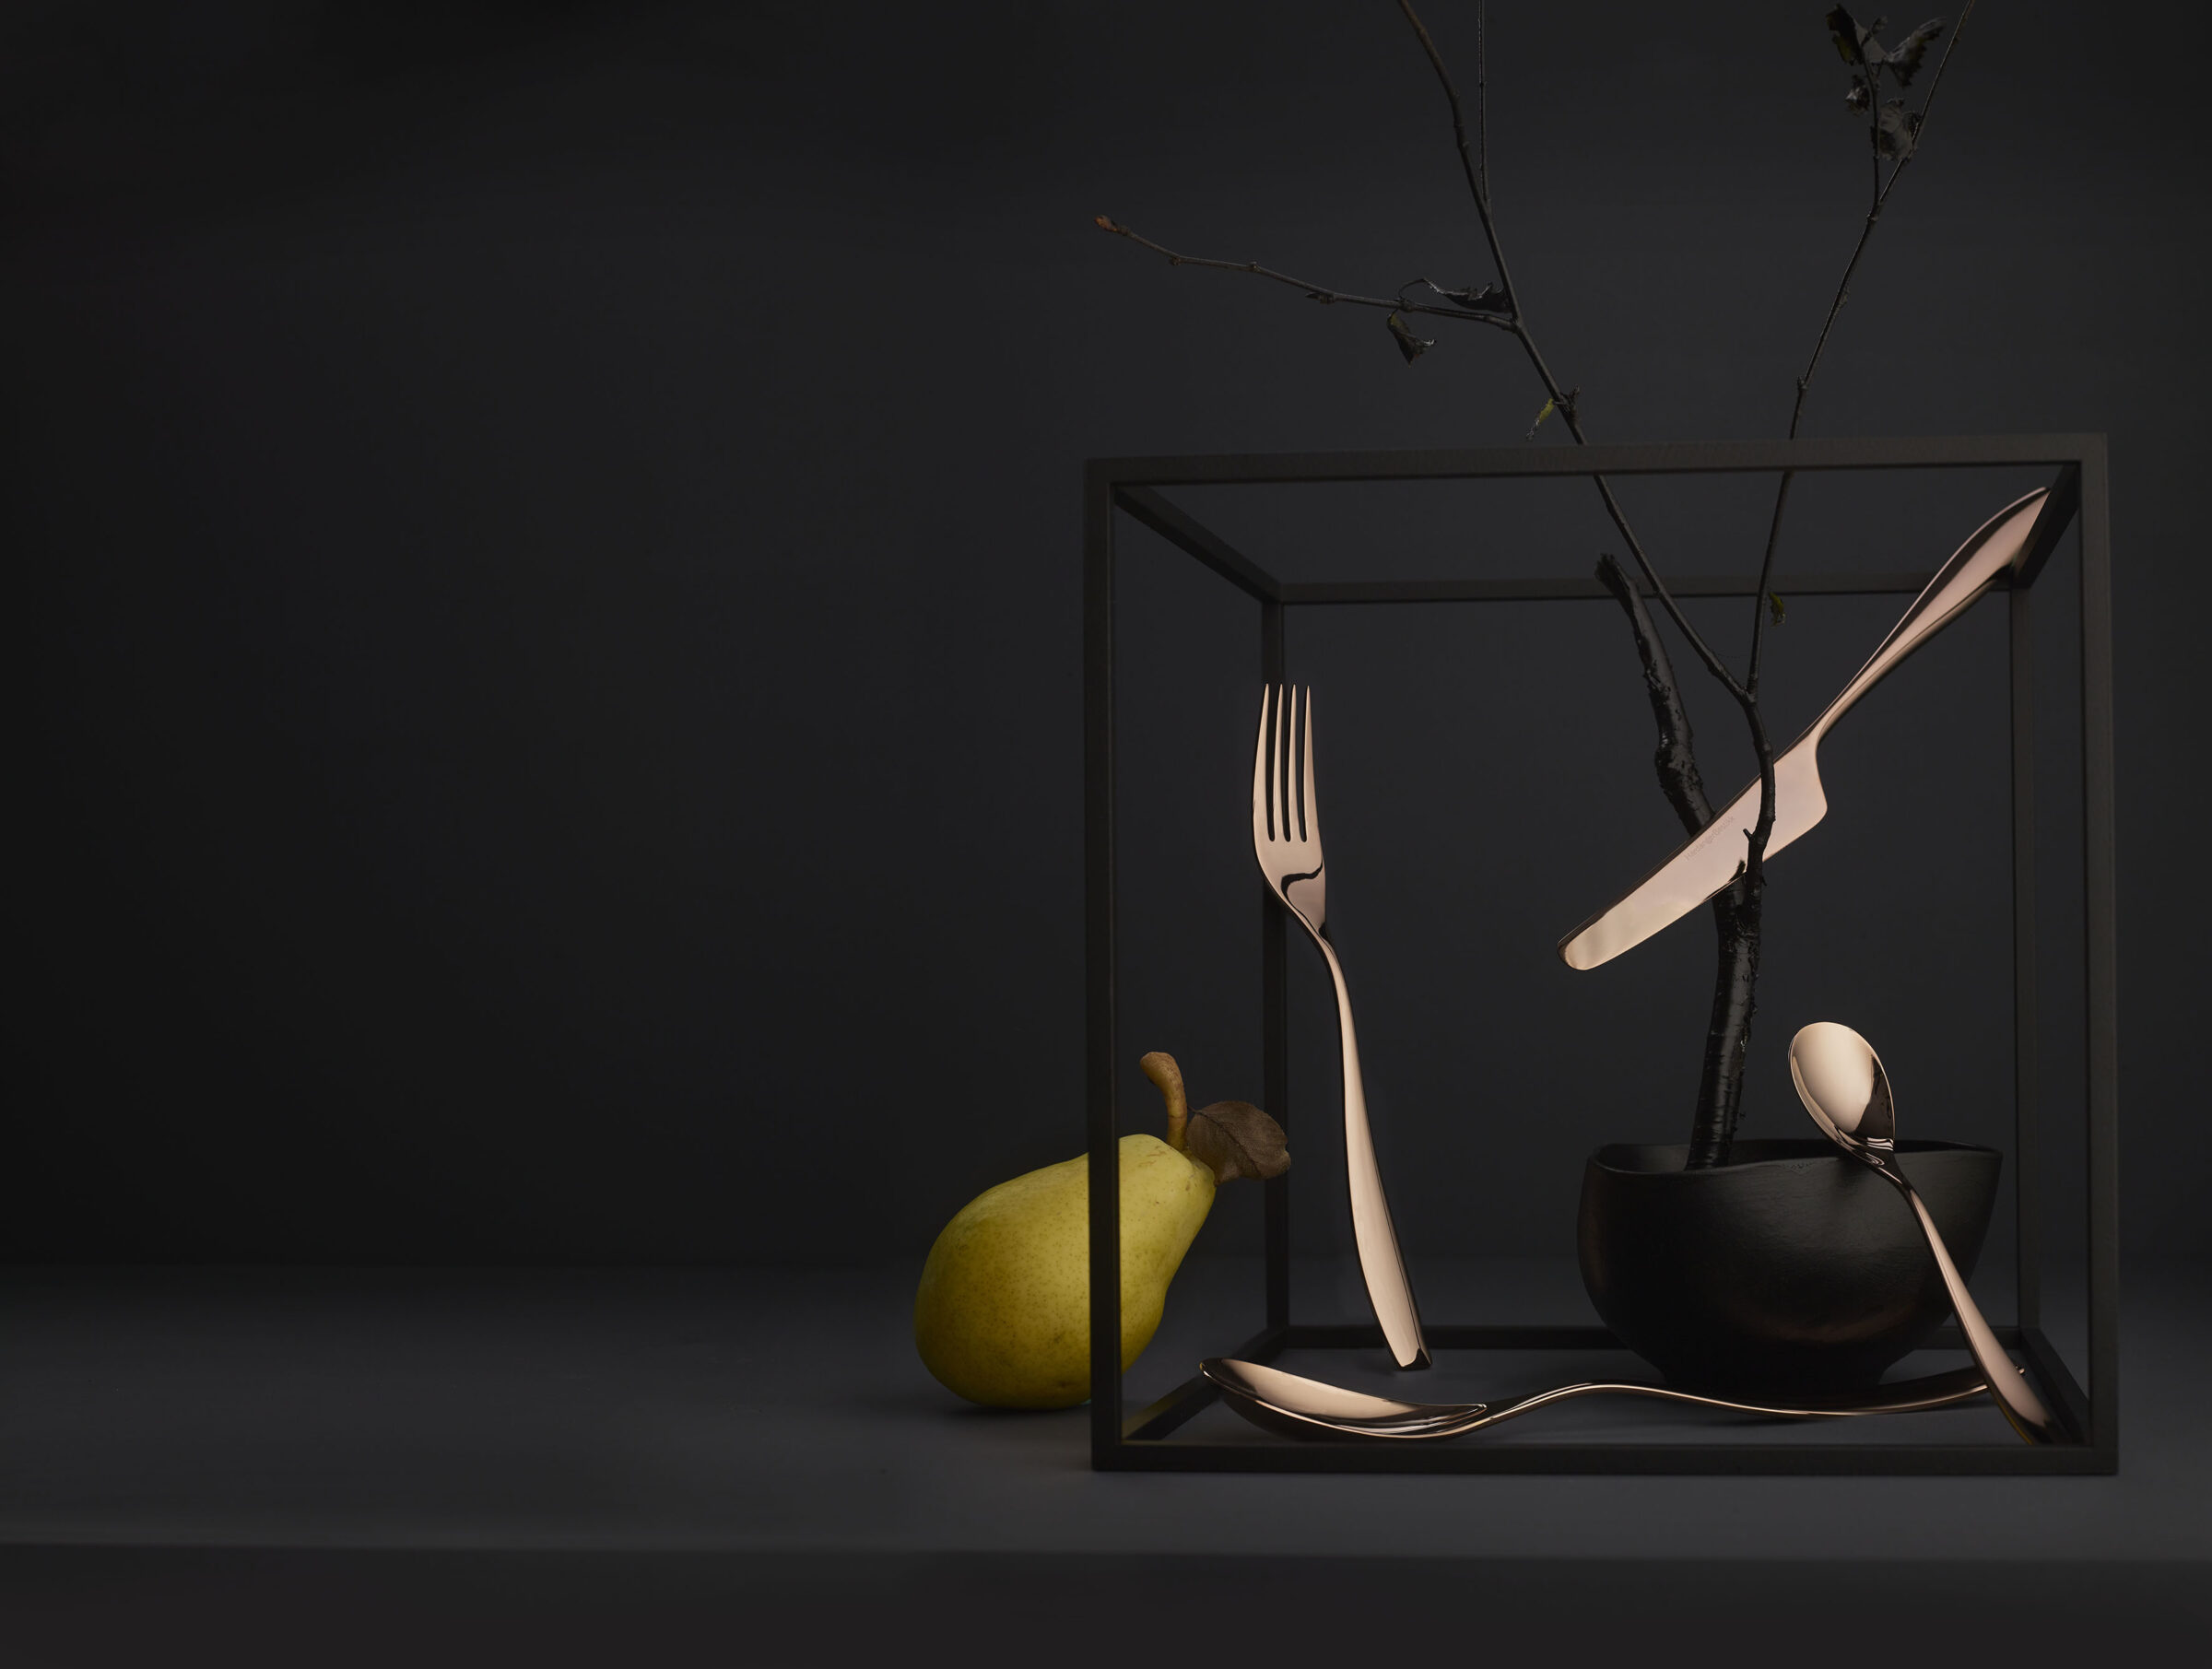 Assorted cutlery from Hardanger Bestikk